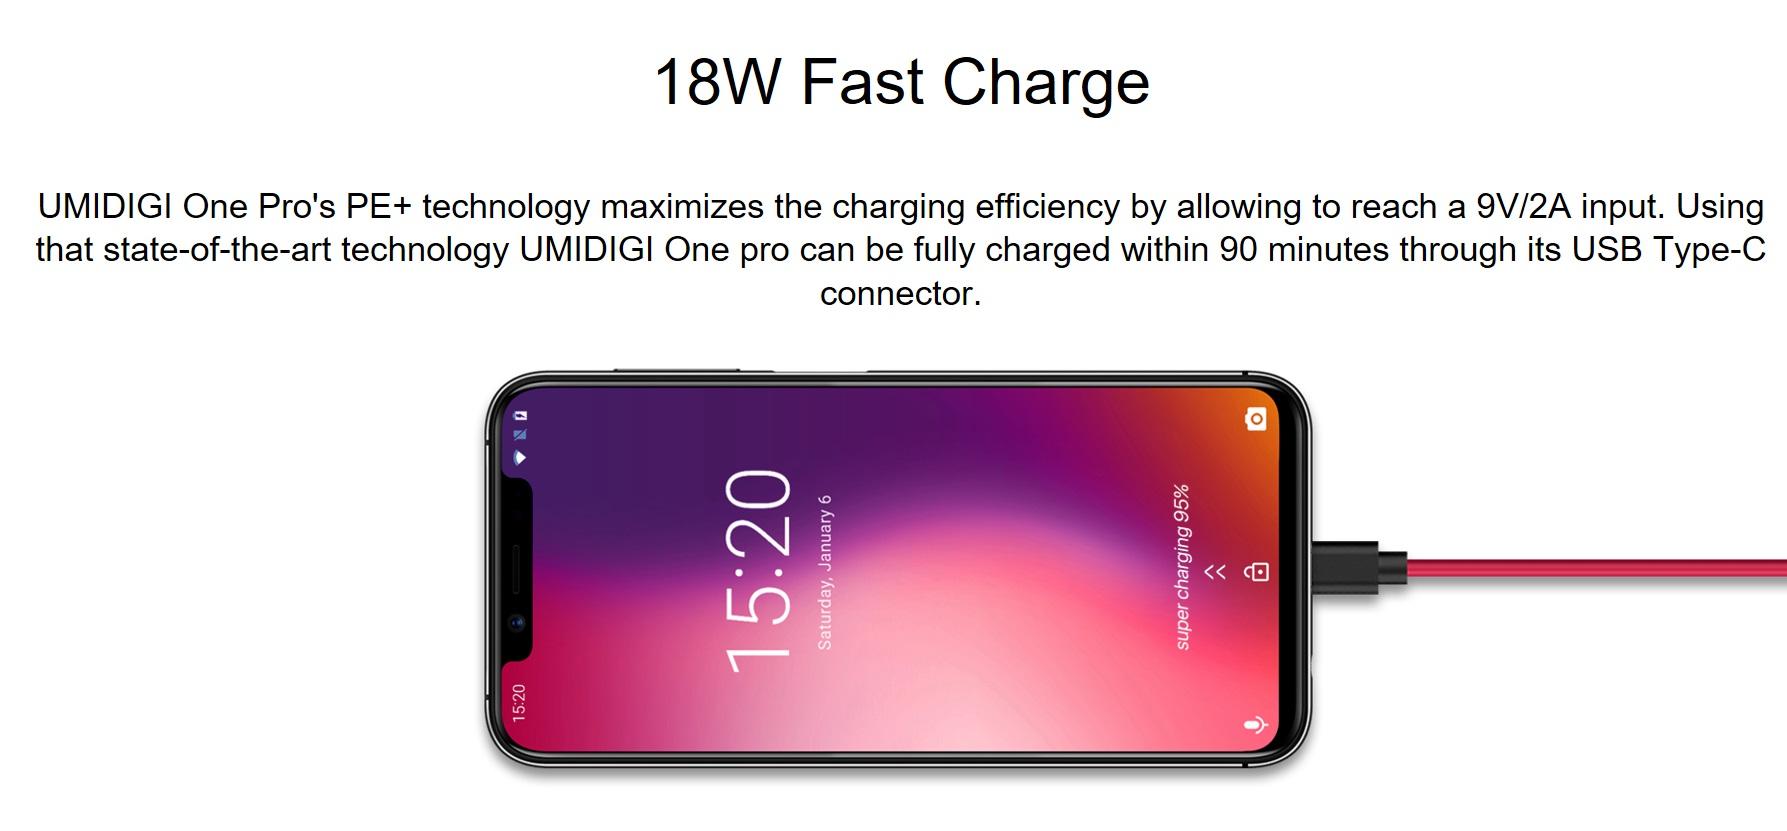 UMIDIGI One Proのケーブル充電